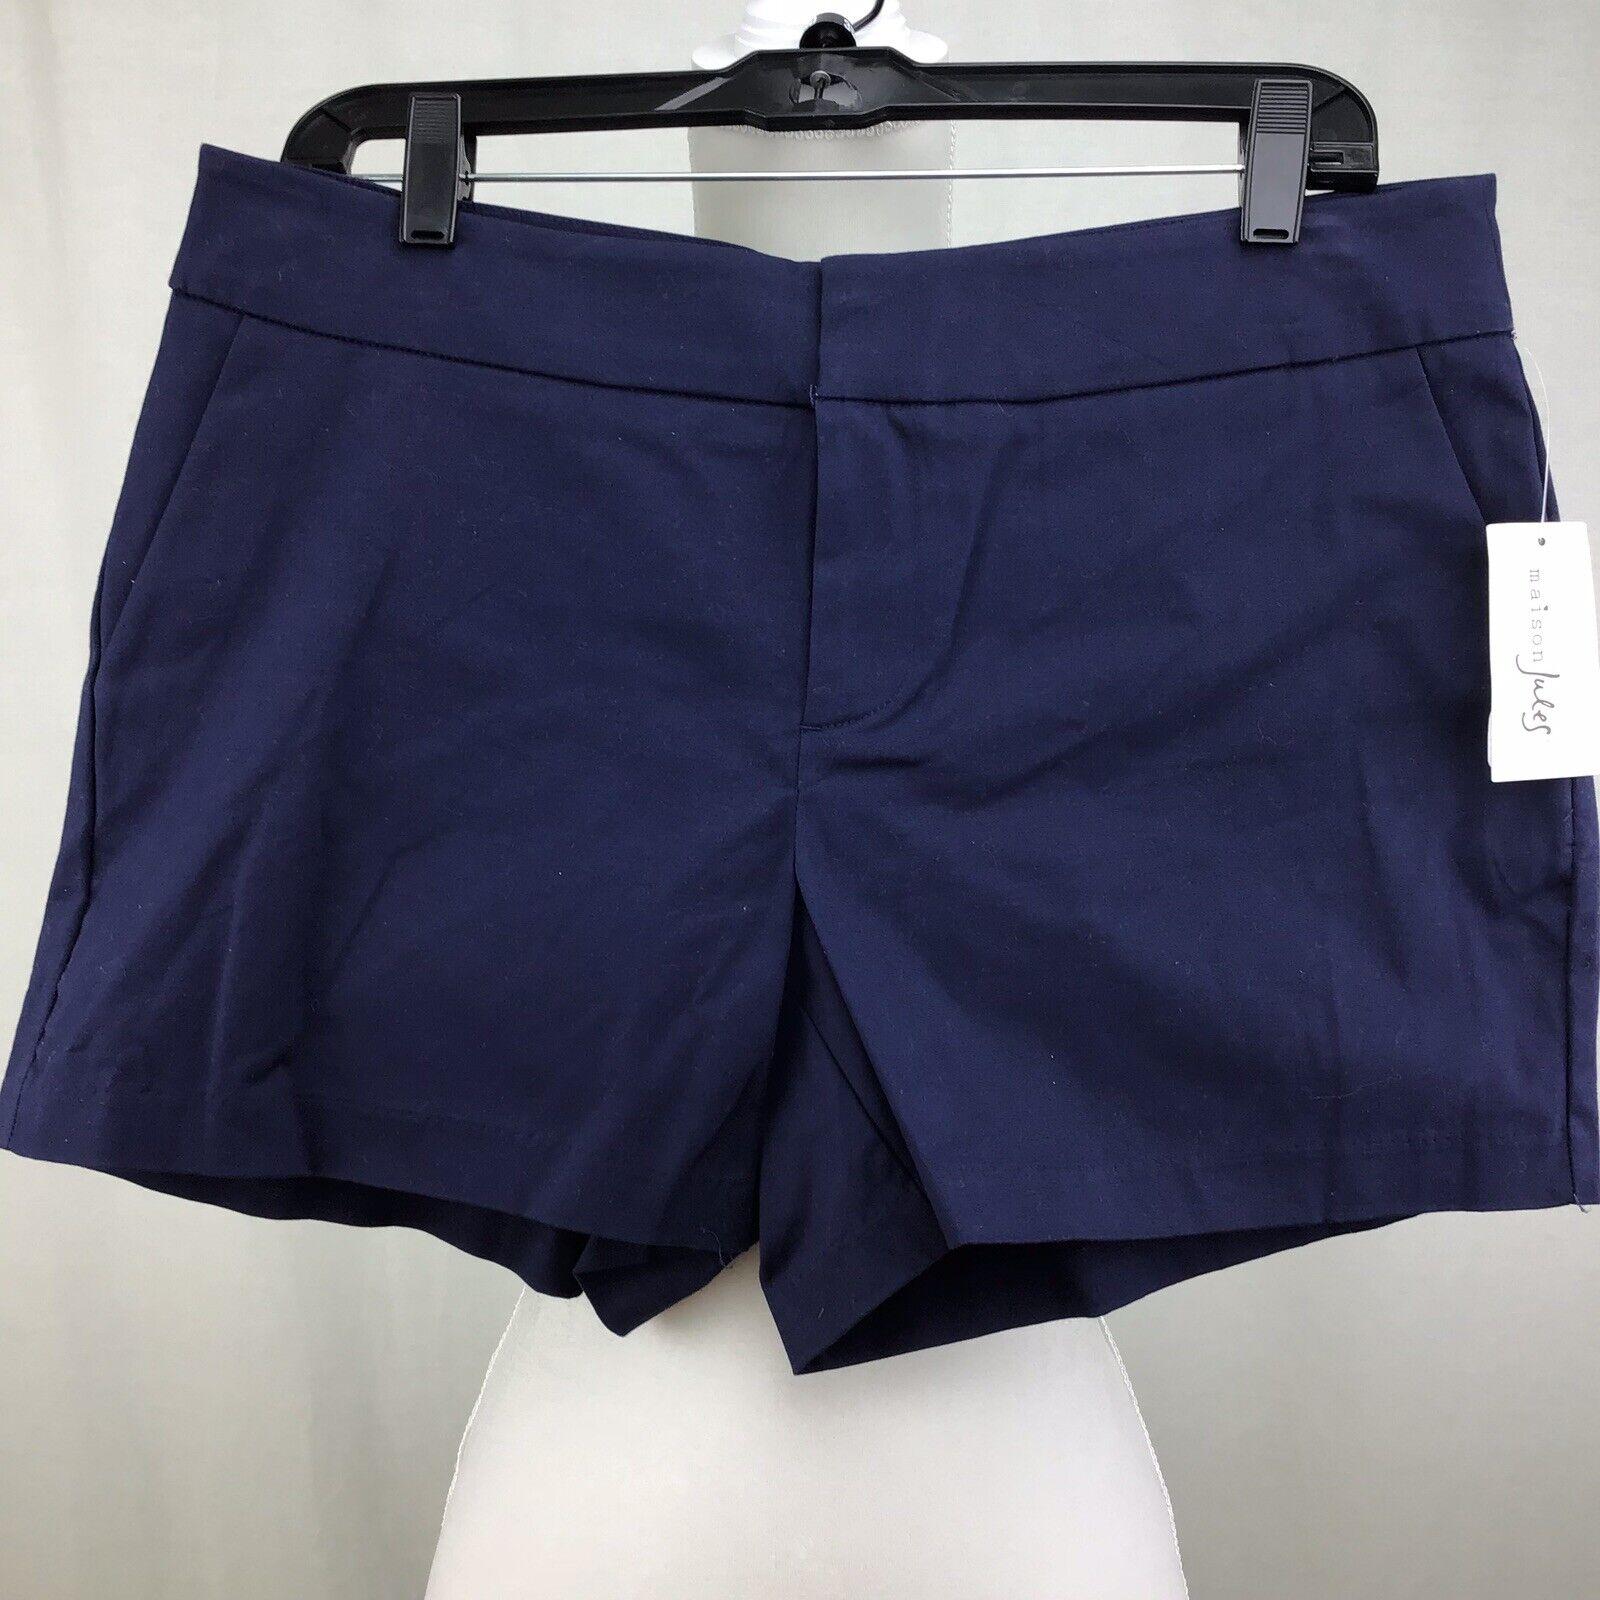 Maison Jules Women Shorts blue Notte Navy Size 14 C0091